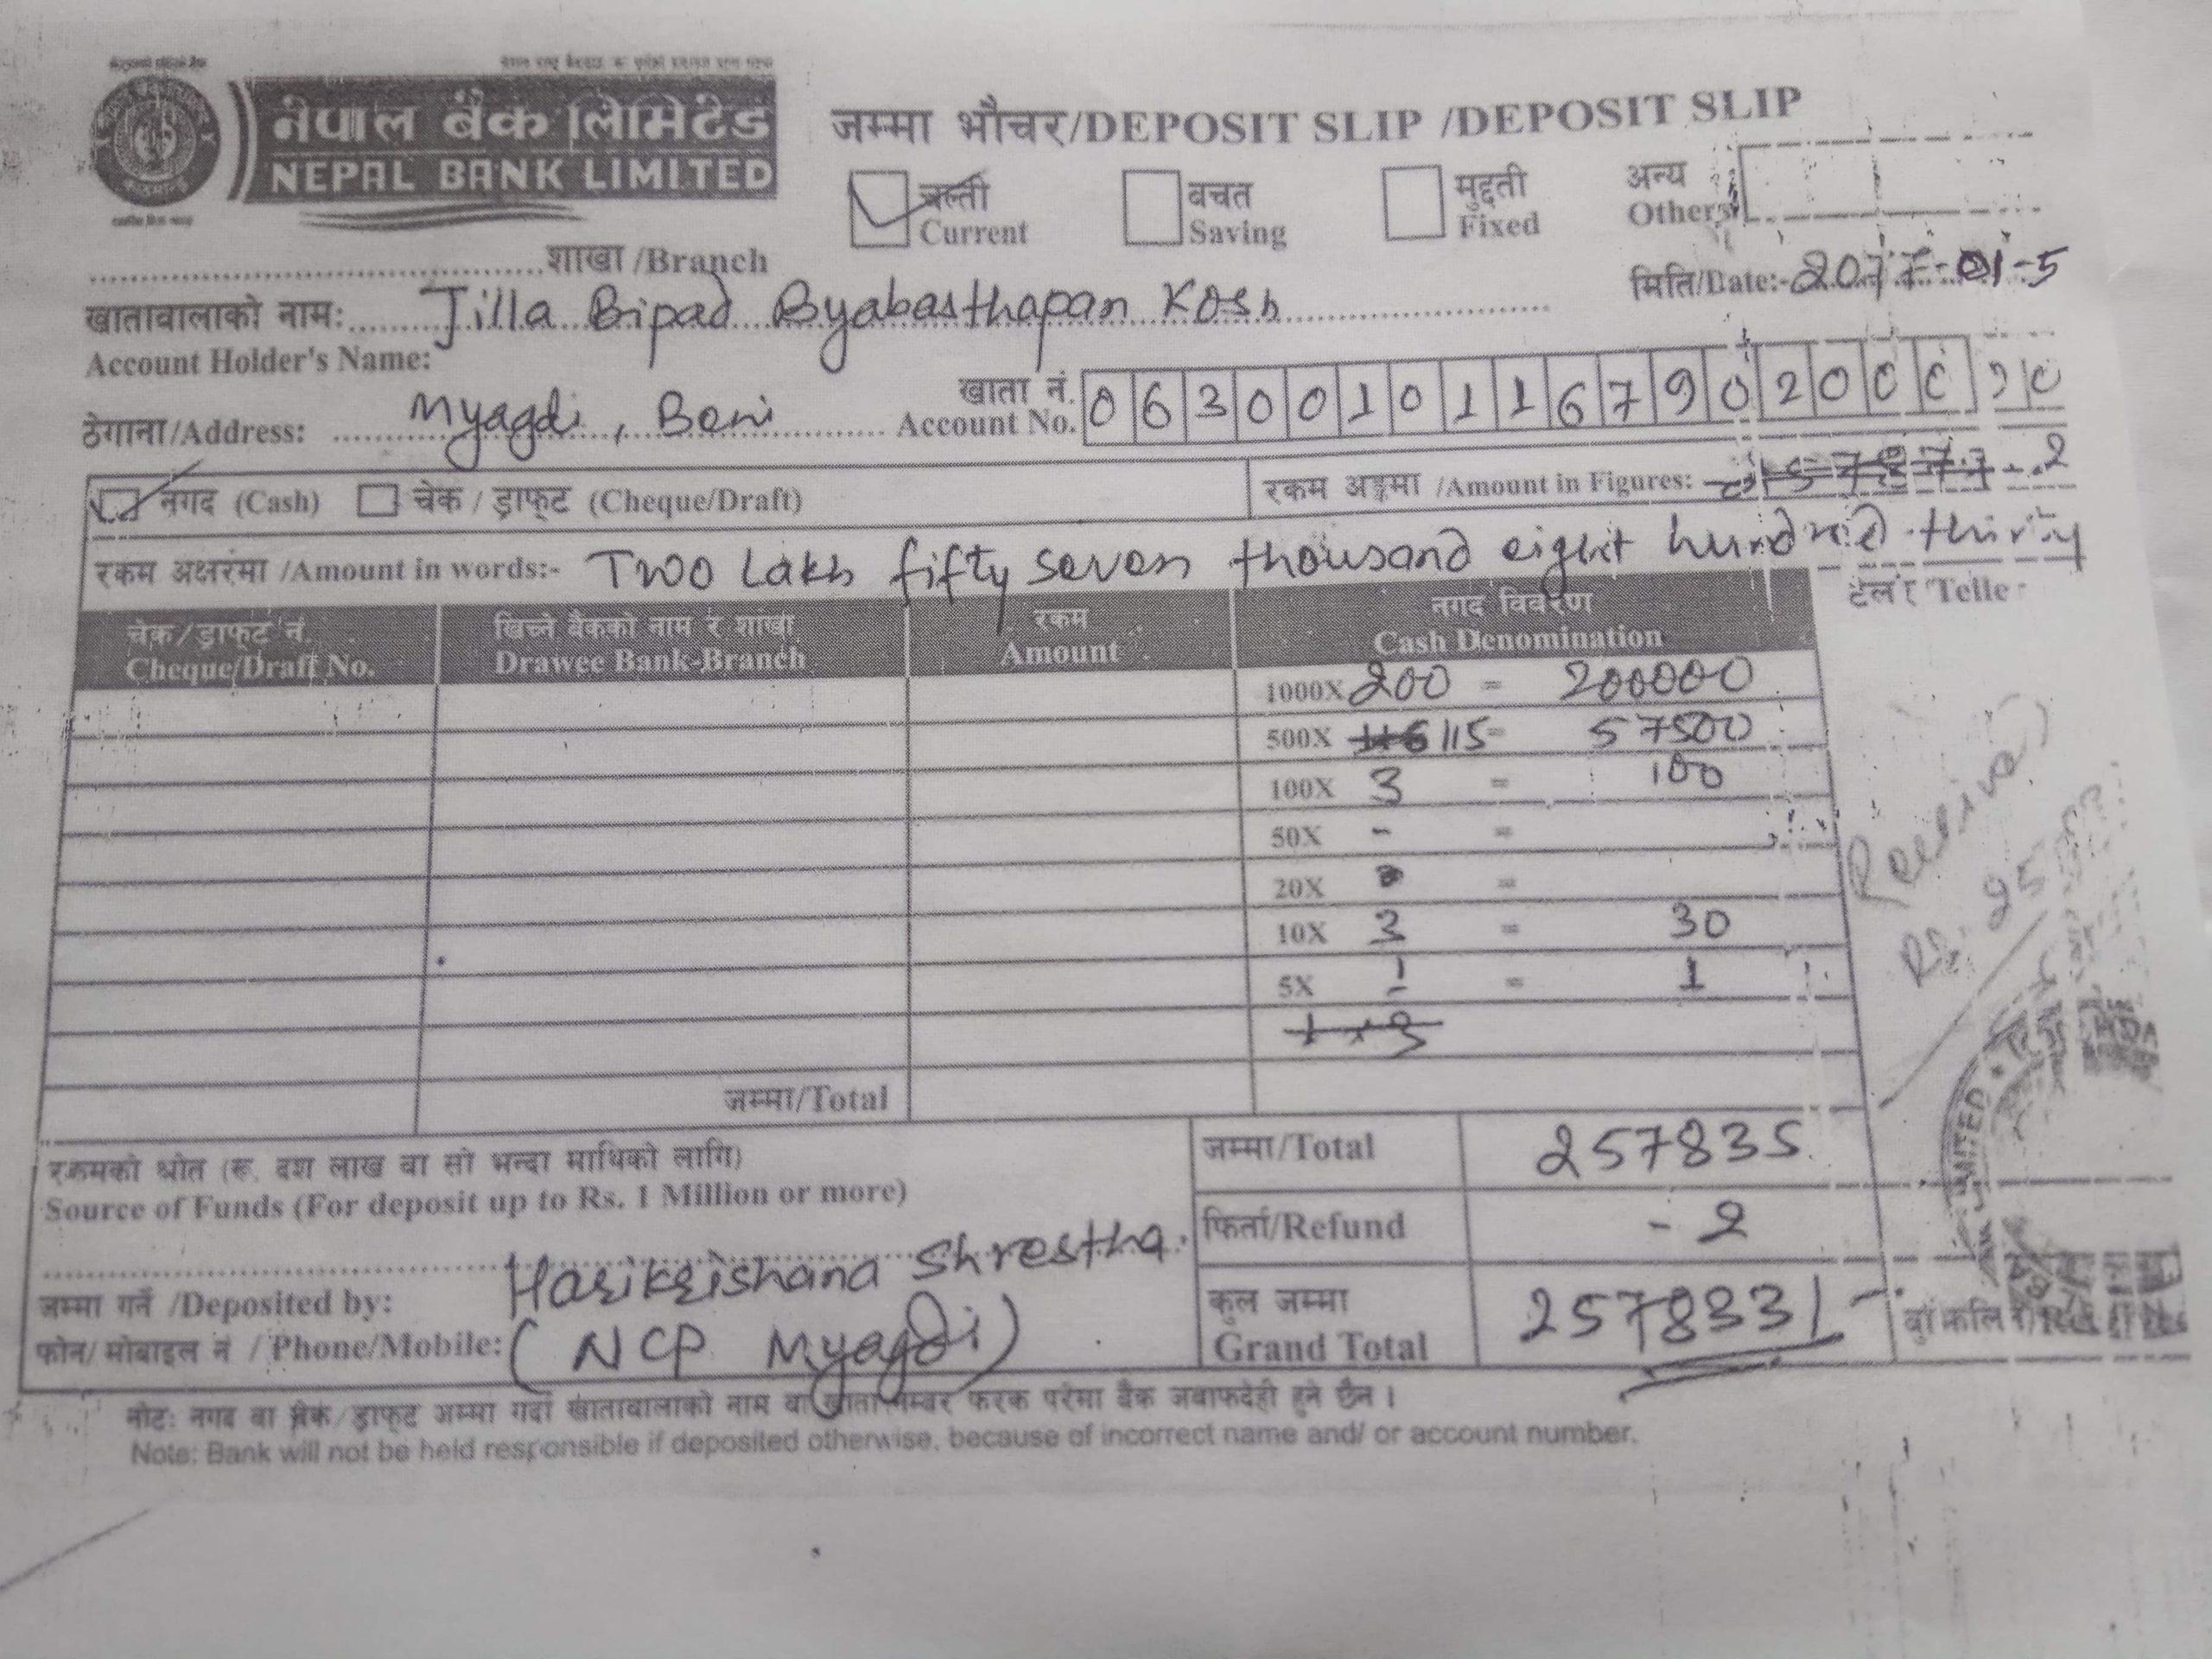 नेकपा म्याग्दीले  बिपद् काेषमा दुईलाख ५७ हजार सहयाेग